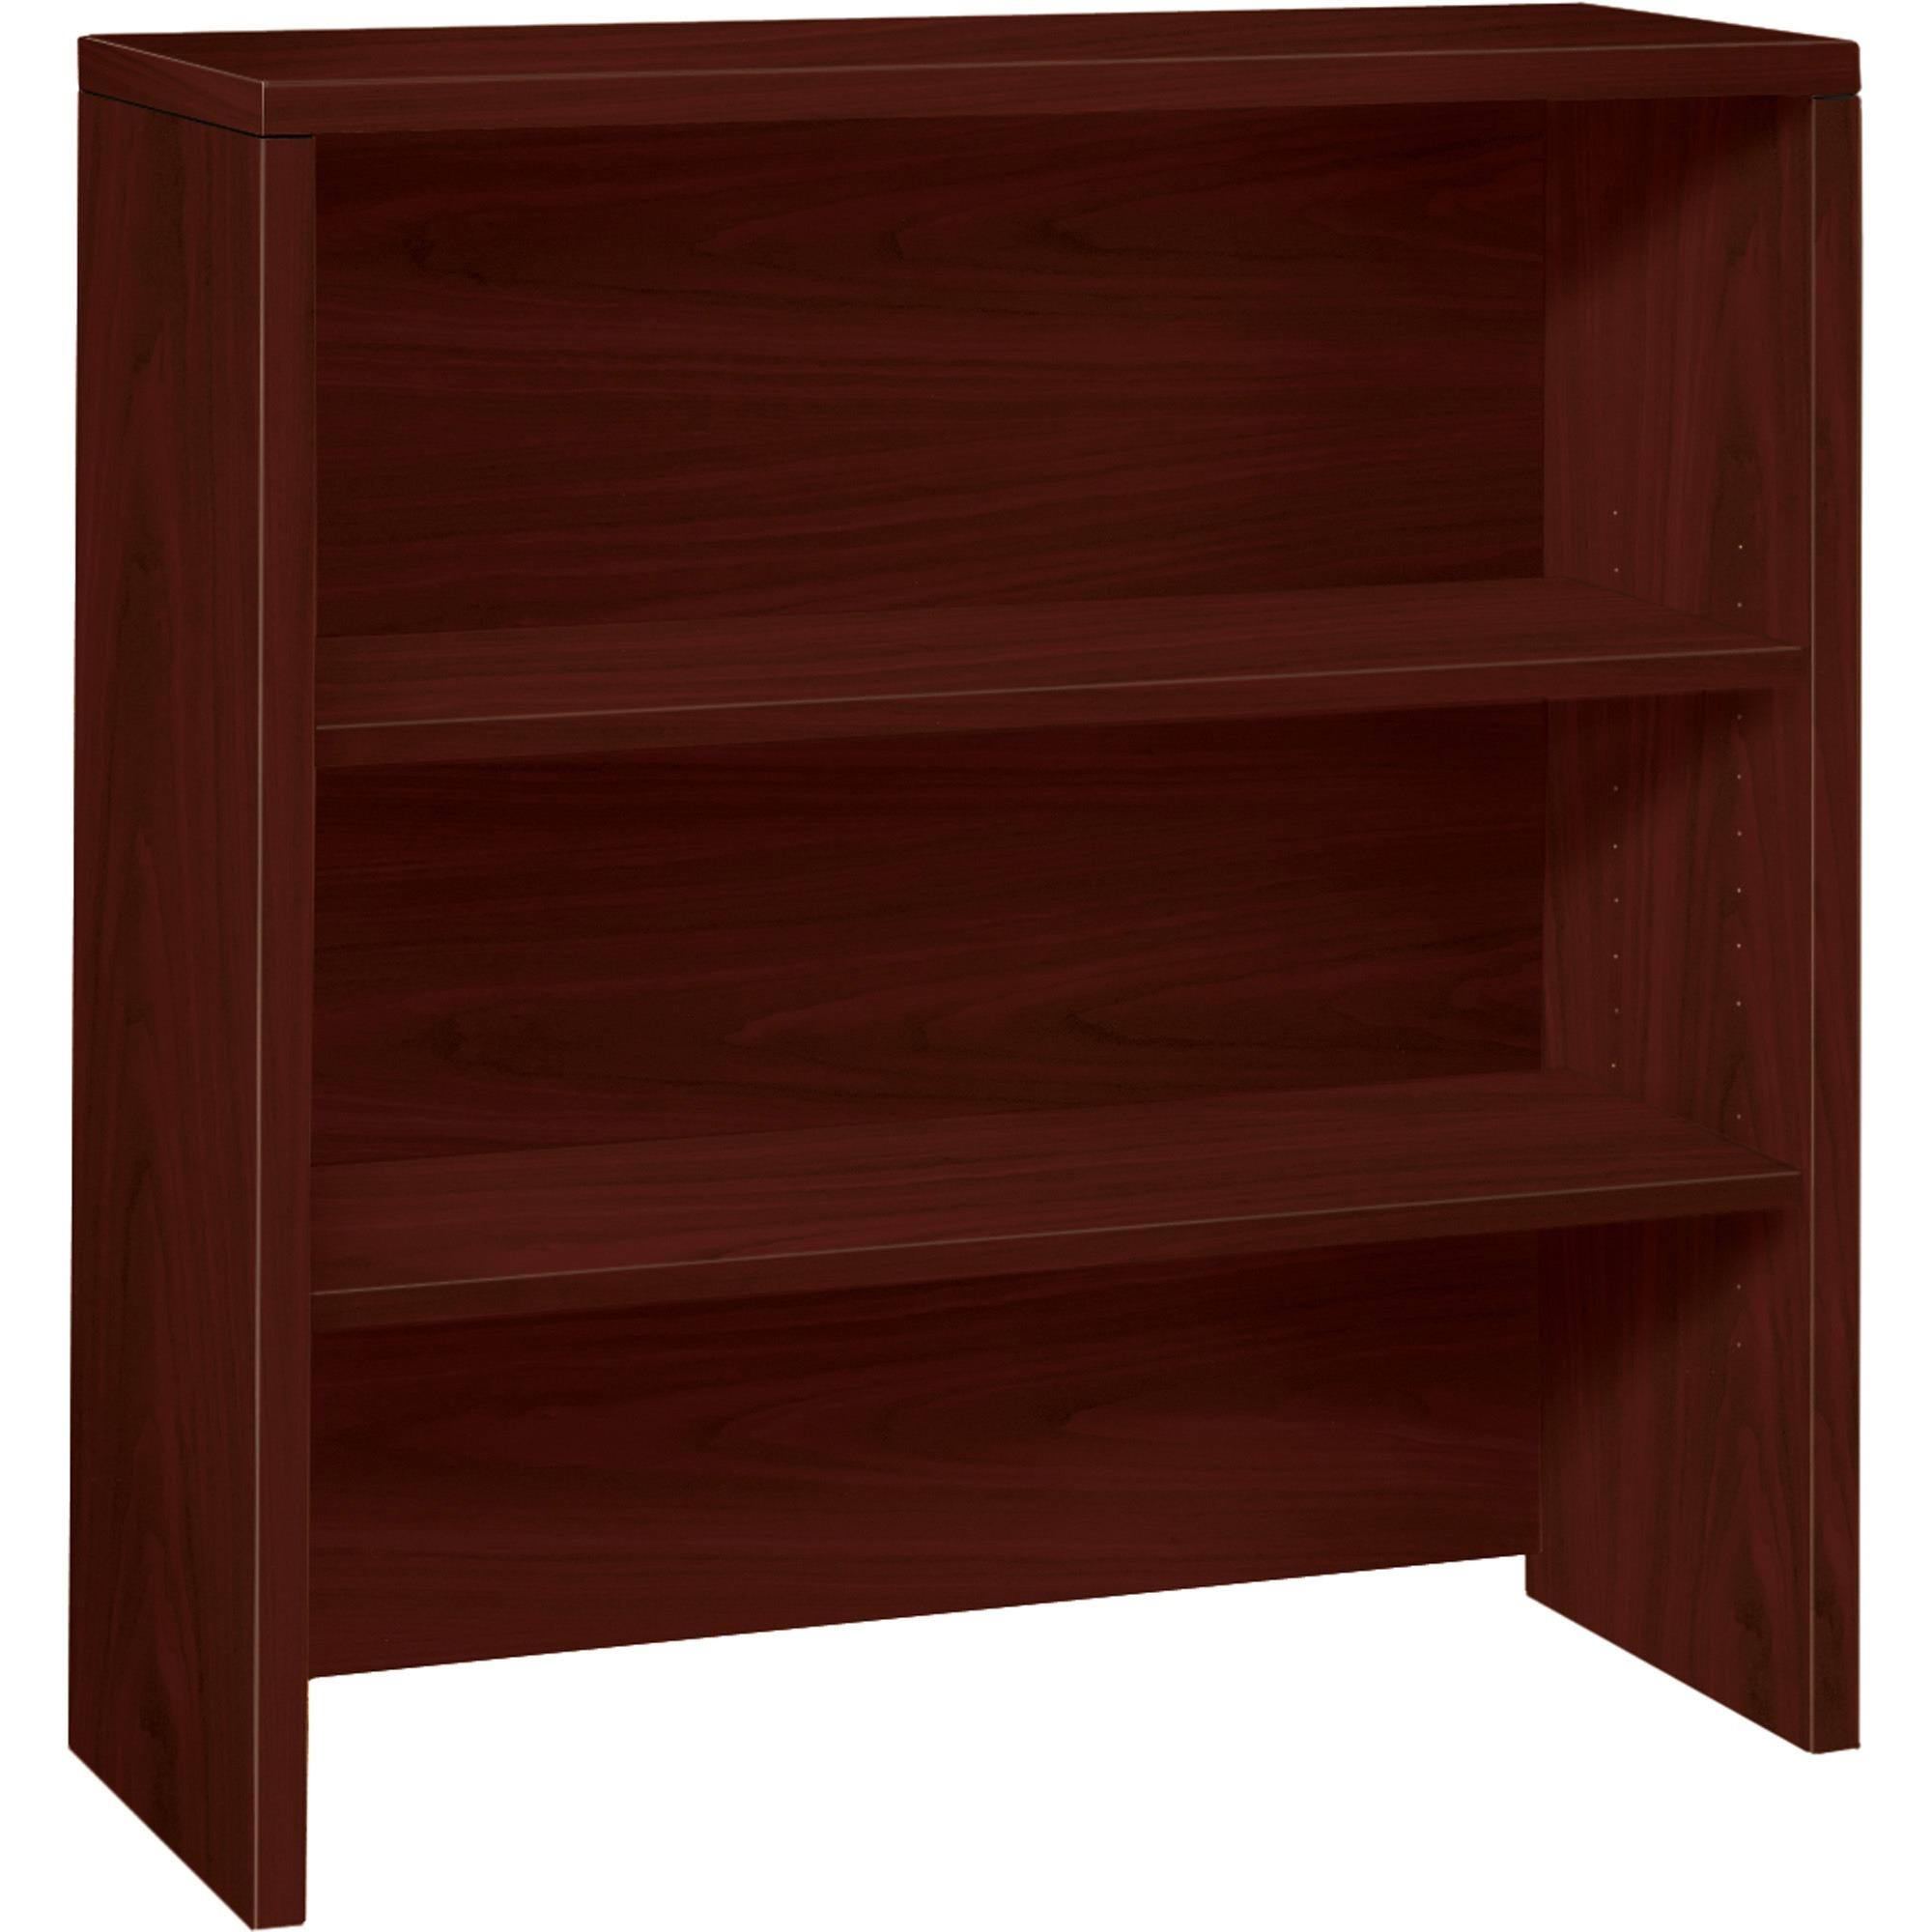 HON 10500 Series Bookcase Hutch